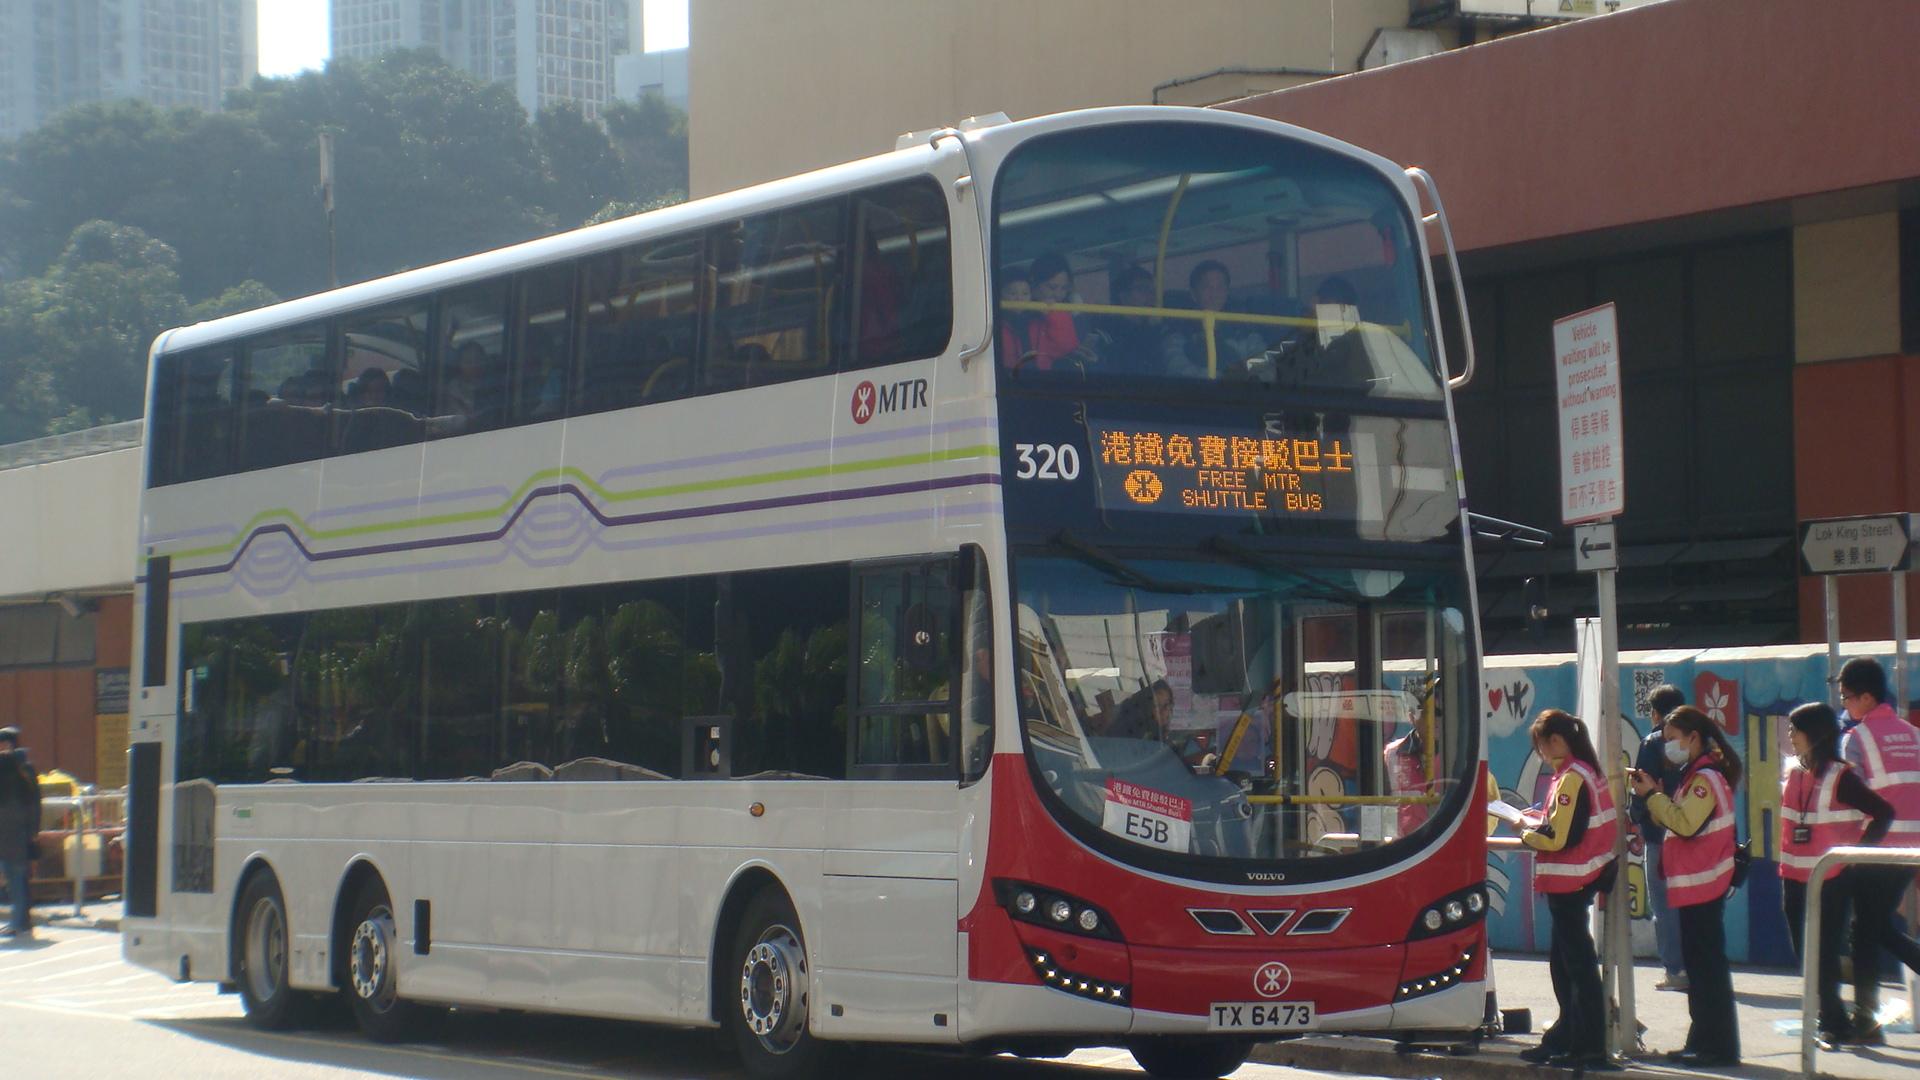 港鐵接駁巴士E5B綫